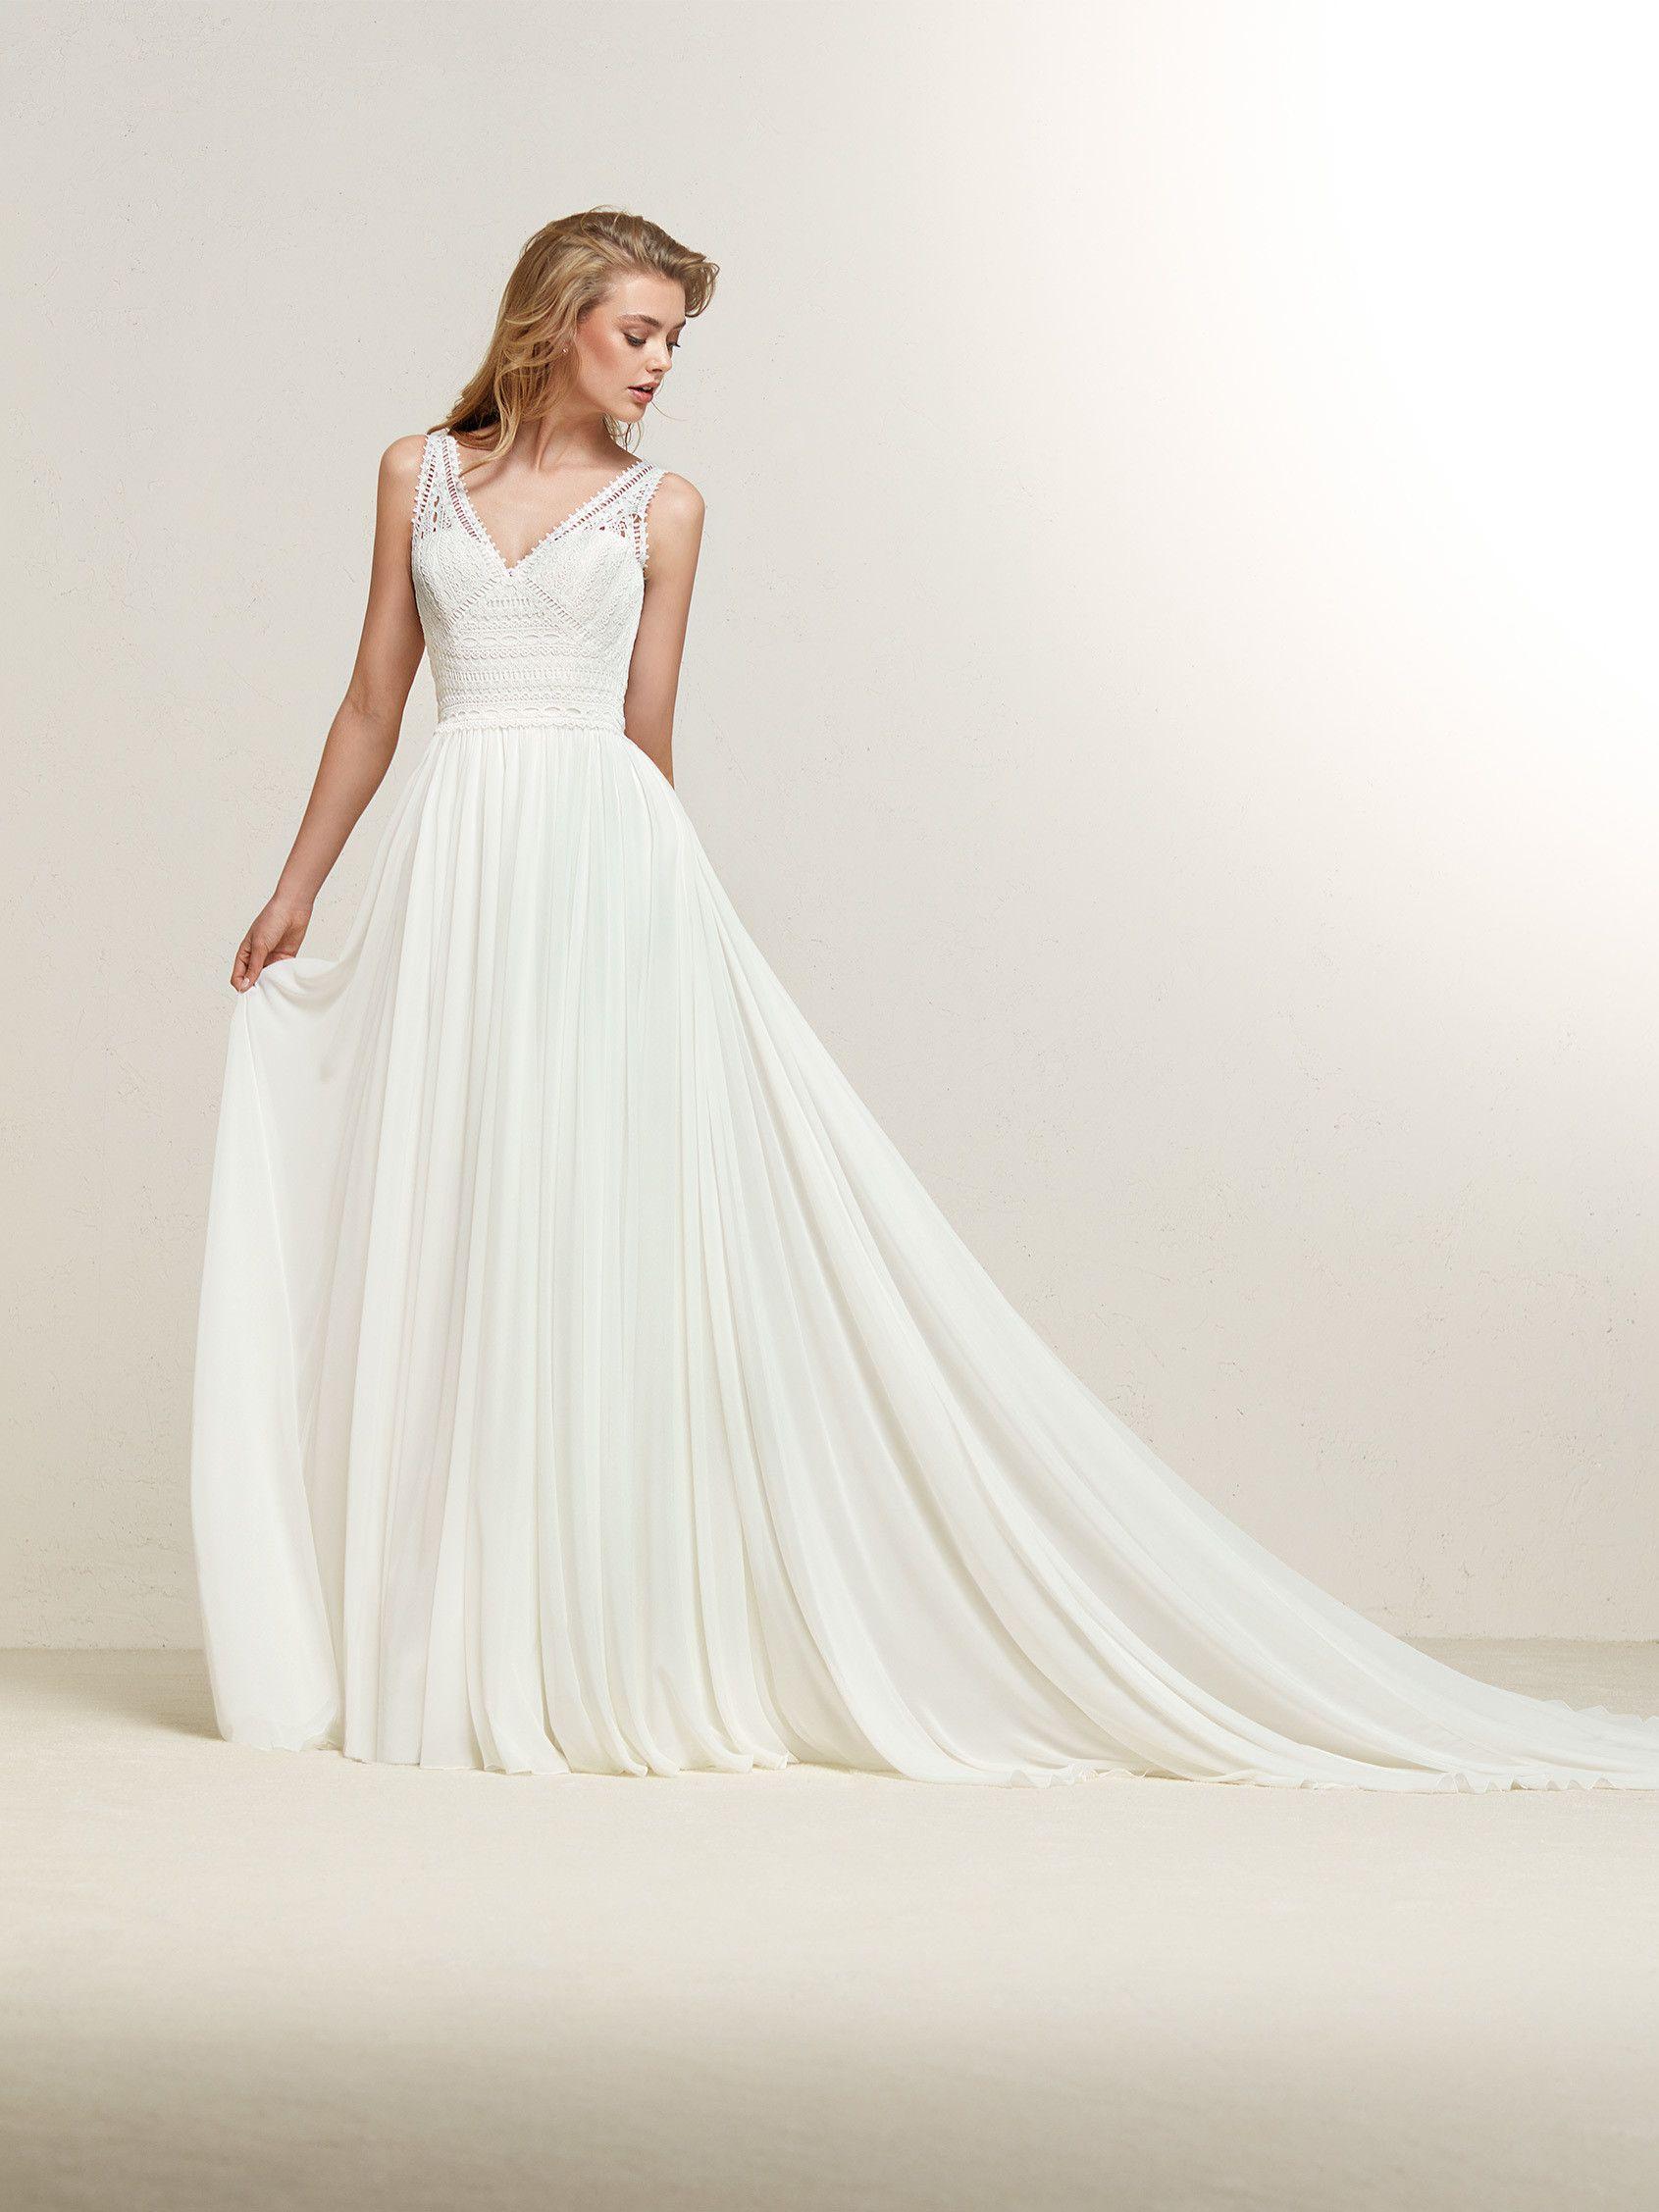 Luftig leicht fließendes Brautkleid Modell #Dramia aus der ...